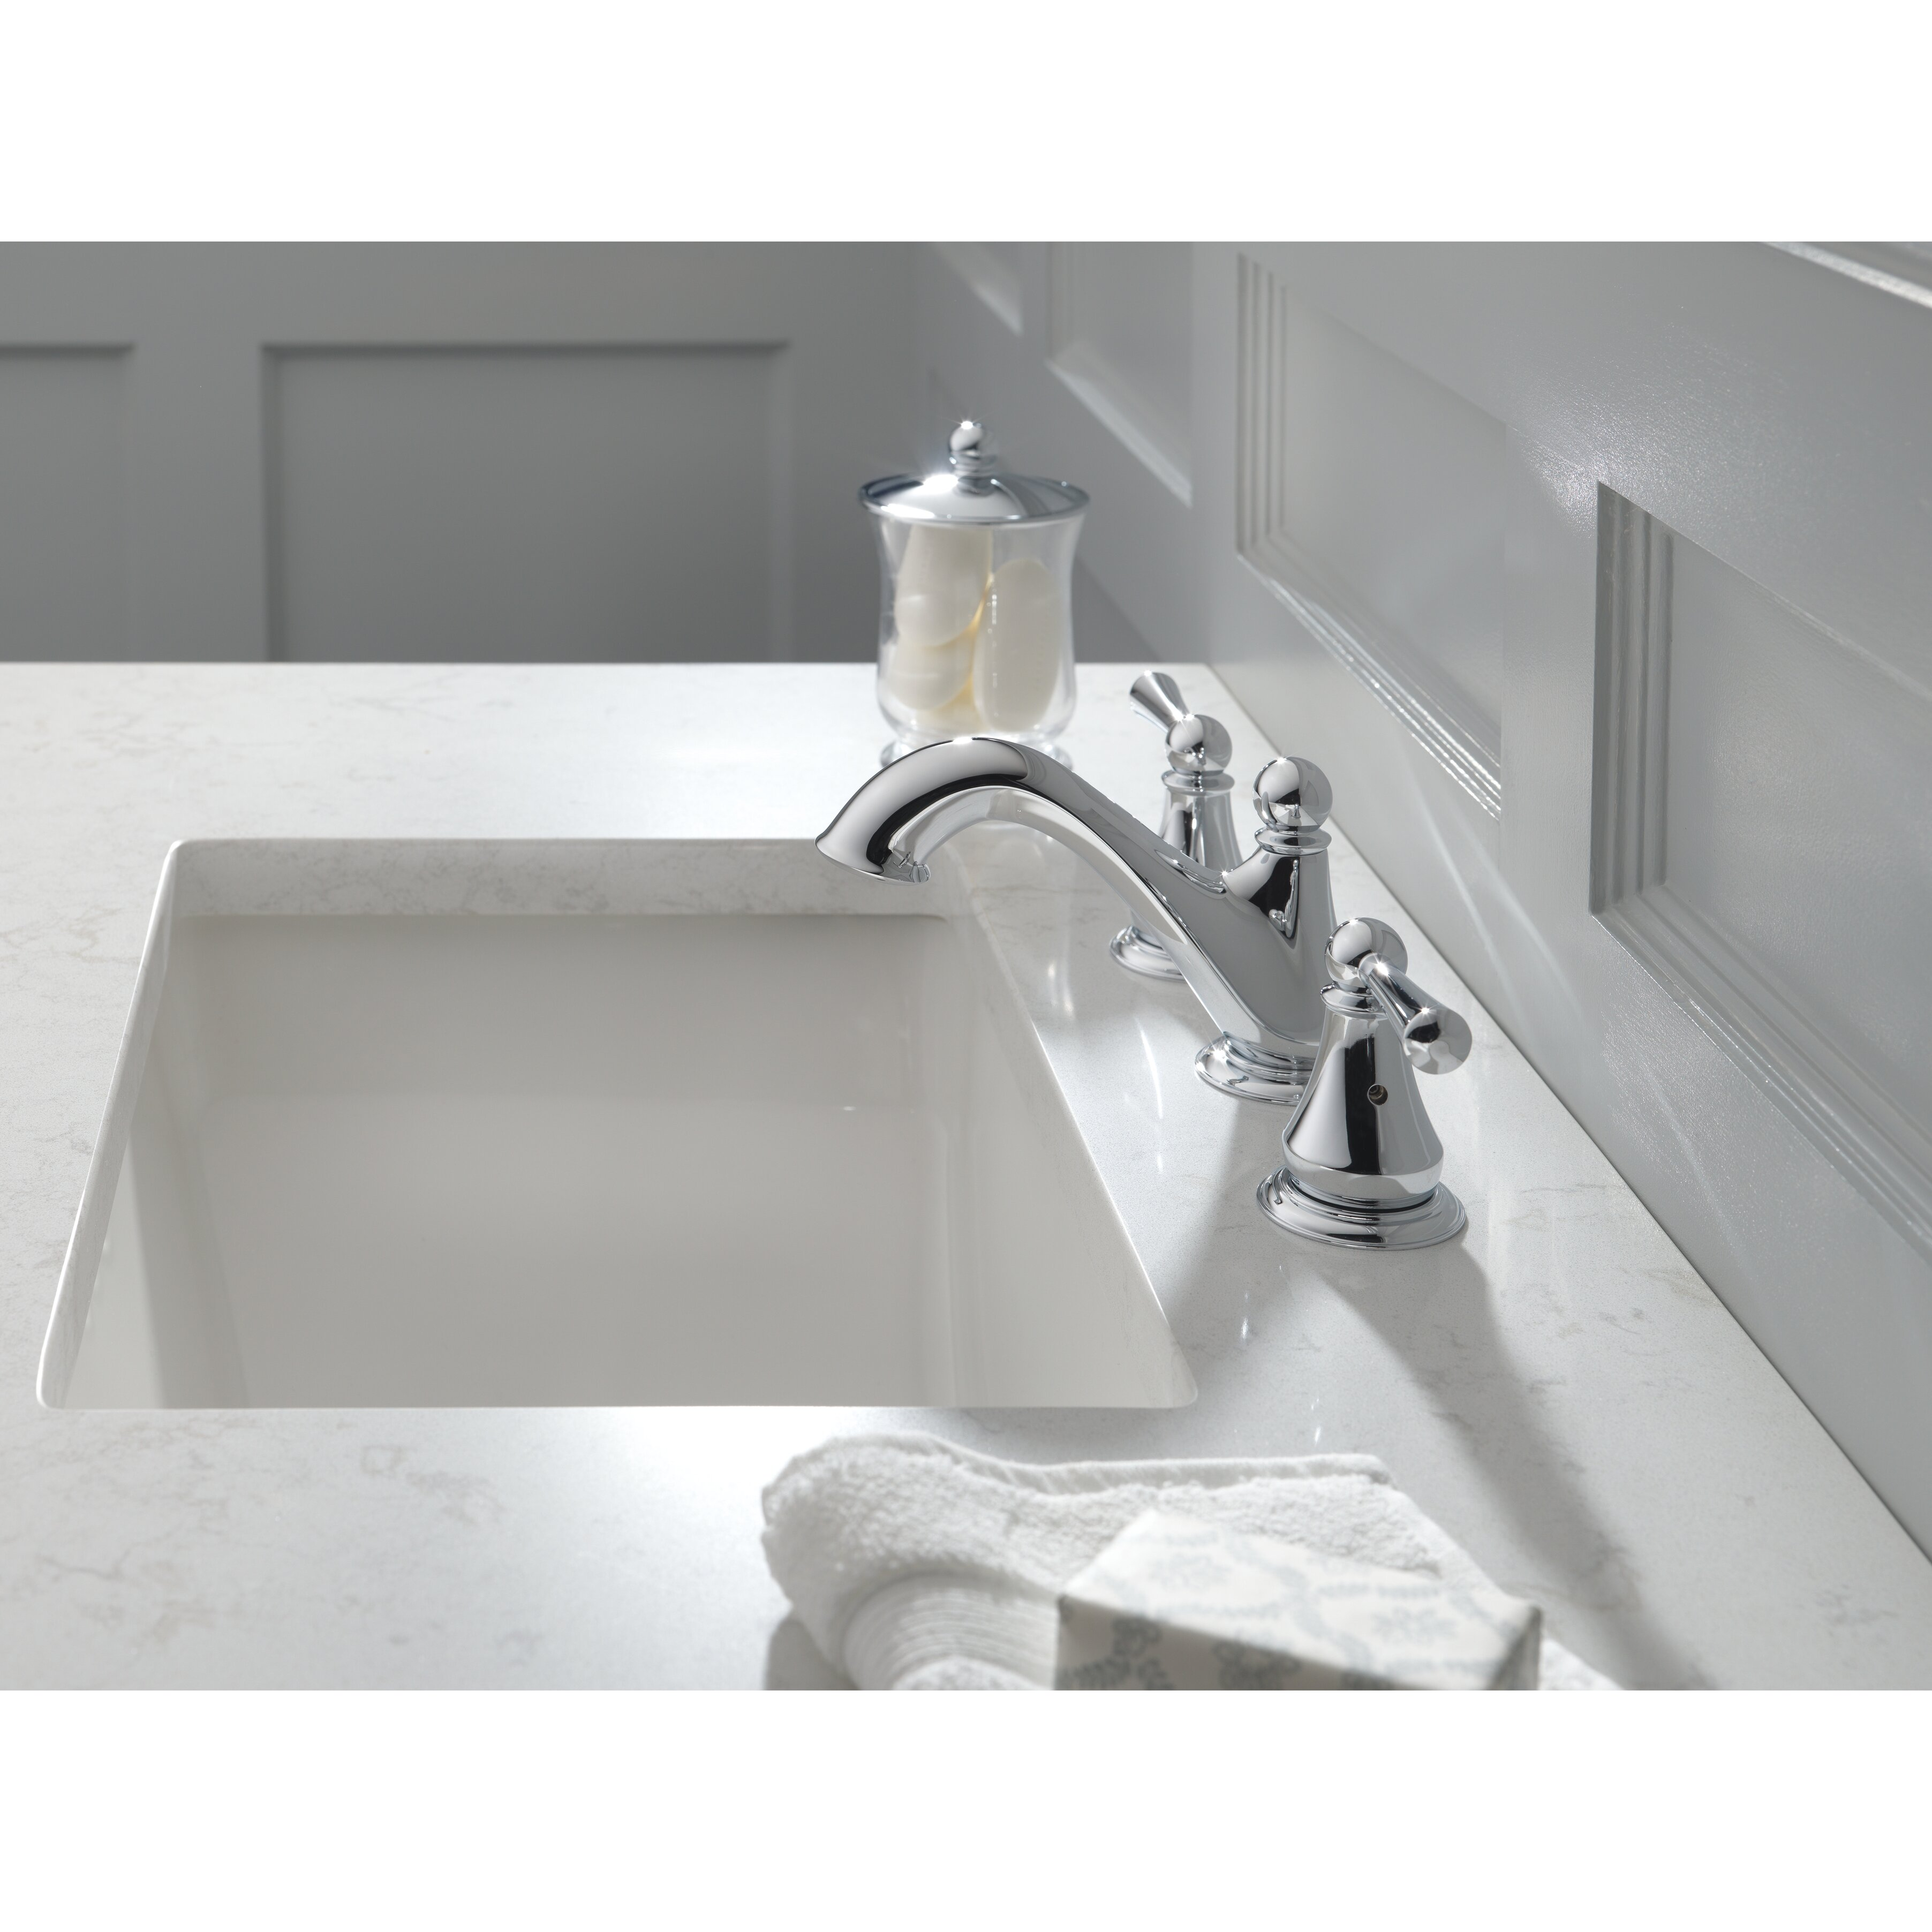 Delta Haywood Double Handle Widespread Bathroom Faucet Reviews Wayfair